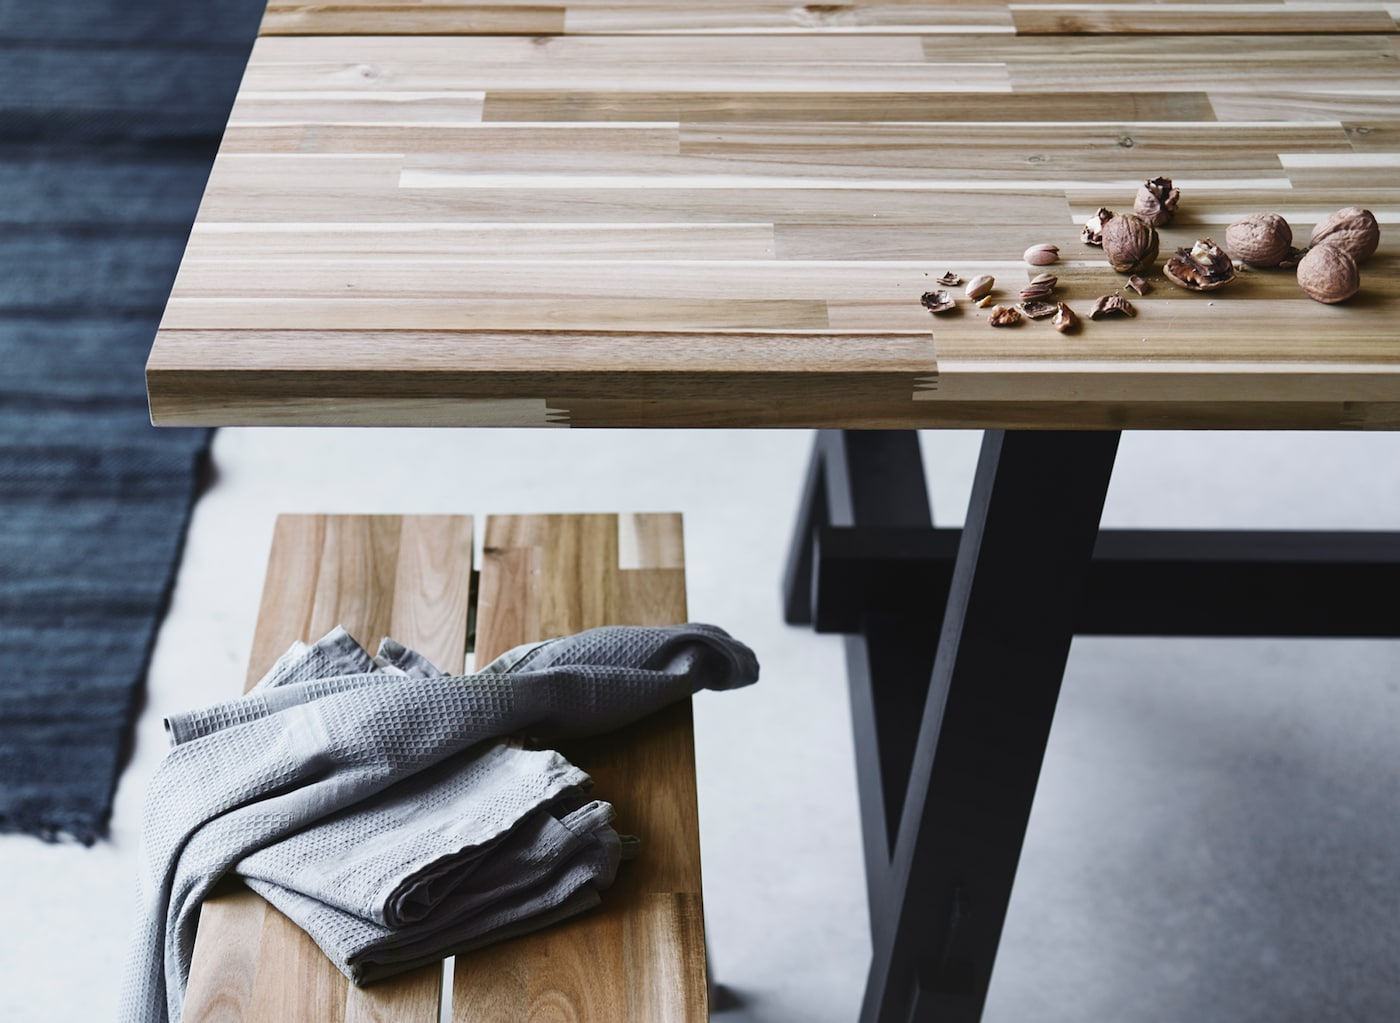 Table rectangulaire de style scandinave et banc SKOGSTA fabriqués en bois avec des variations de grain et de couleur.